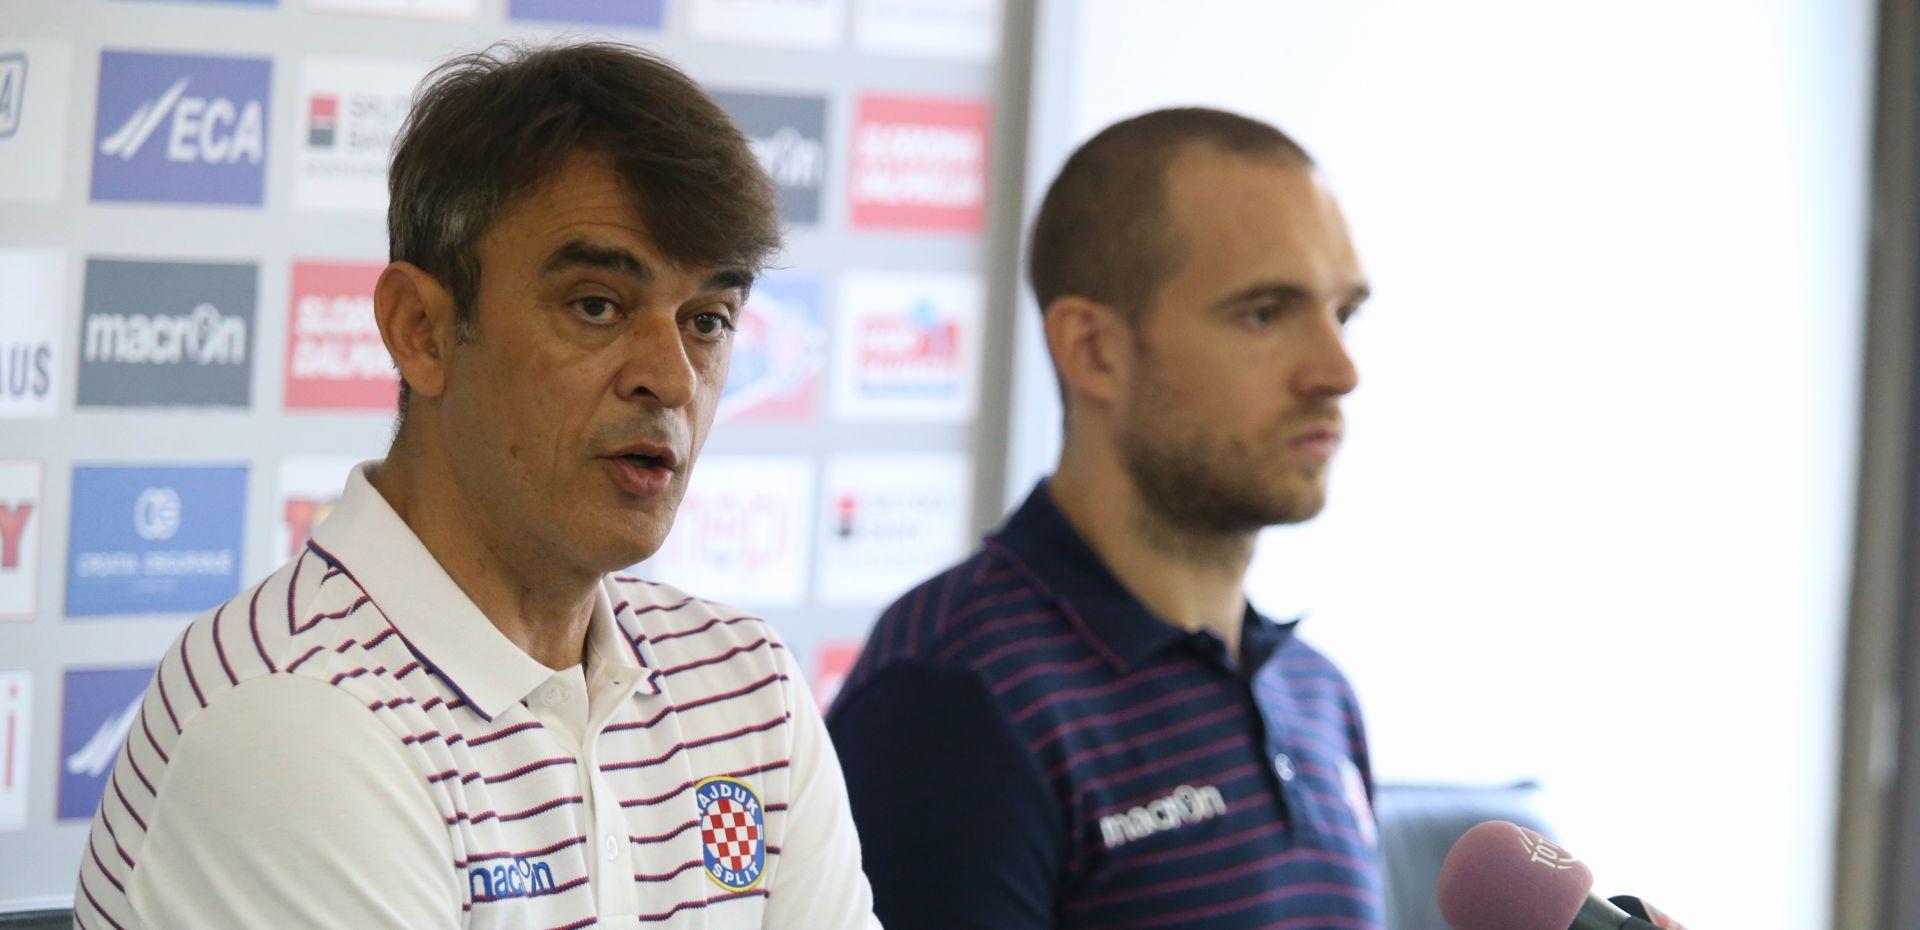 """BILI STIGLI U NORVEŠKU Burić: """"Svjesni smo važnosti utakmice, osjeća se napetost i pozitivni naboj"""""""